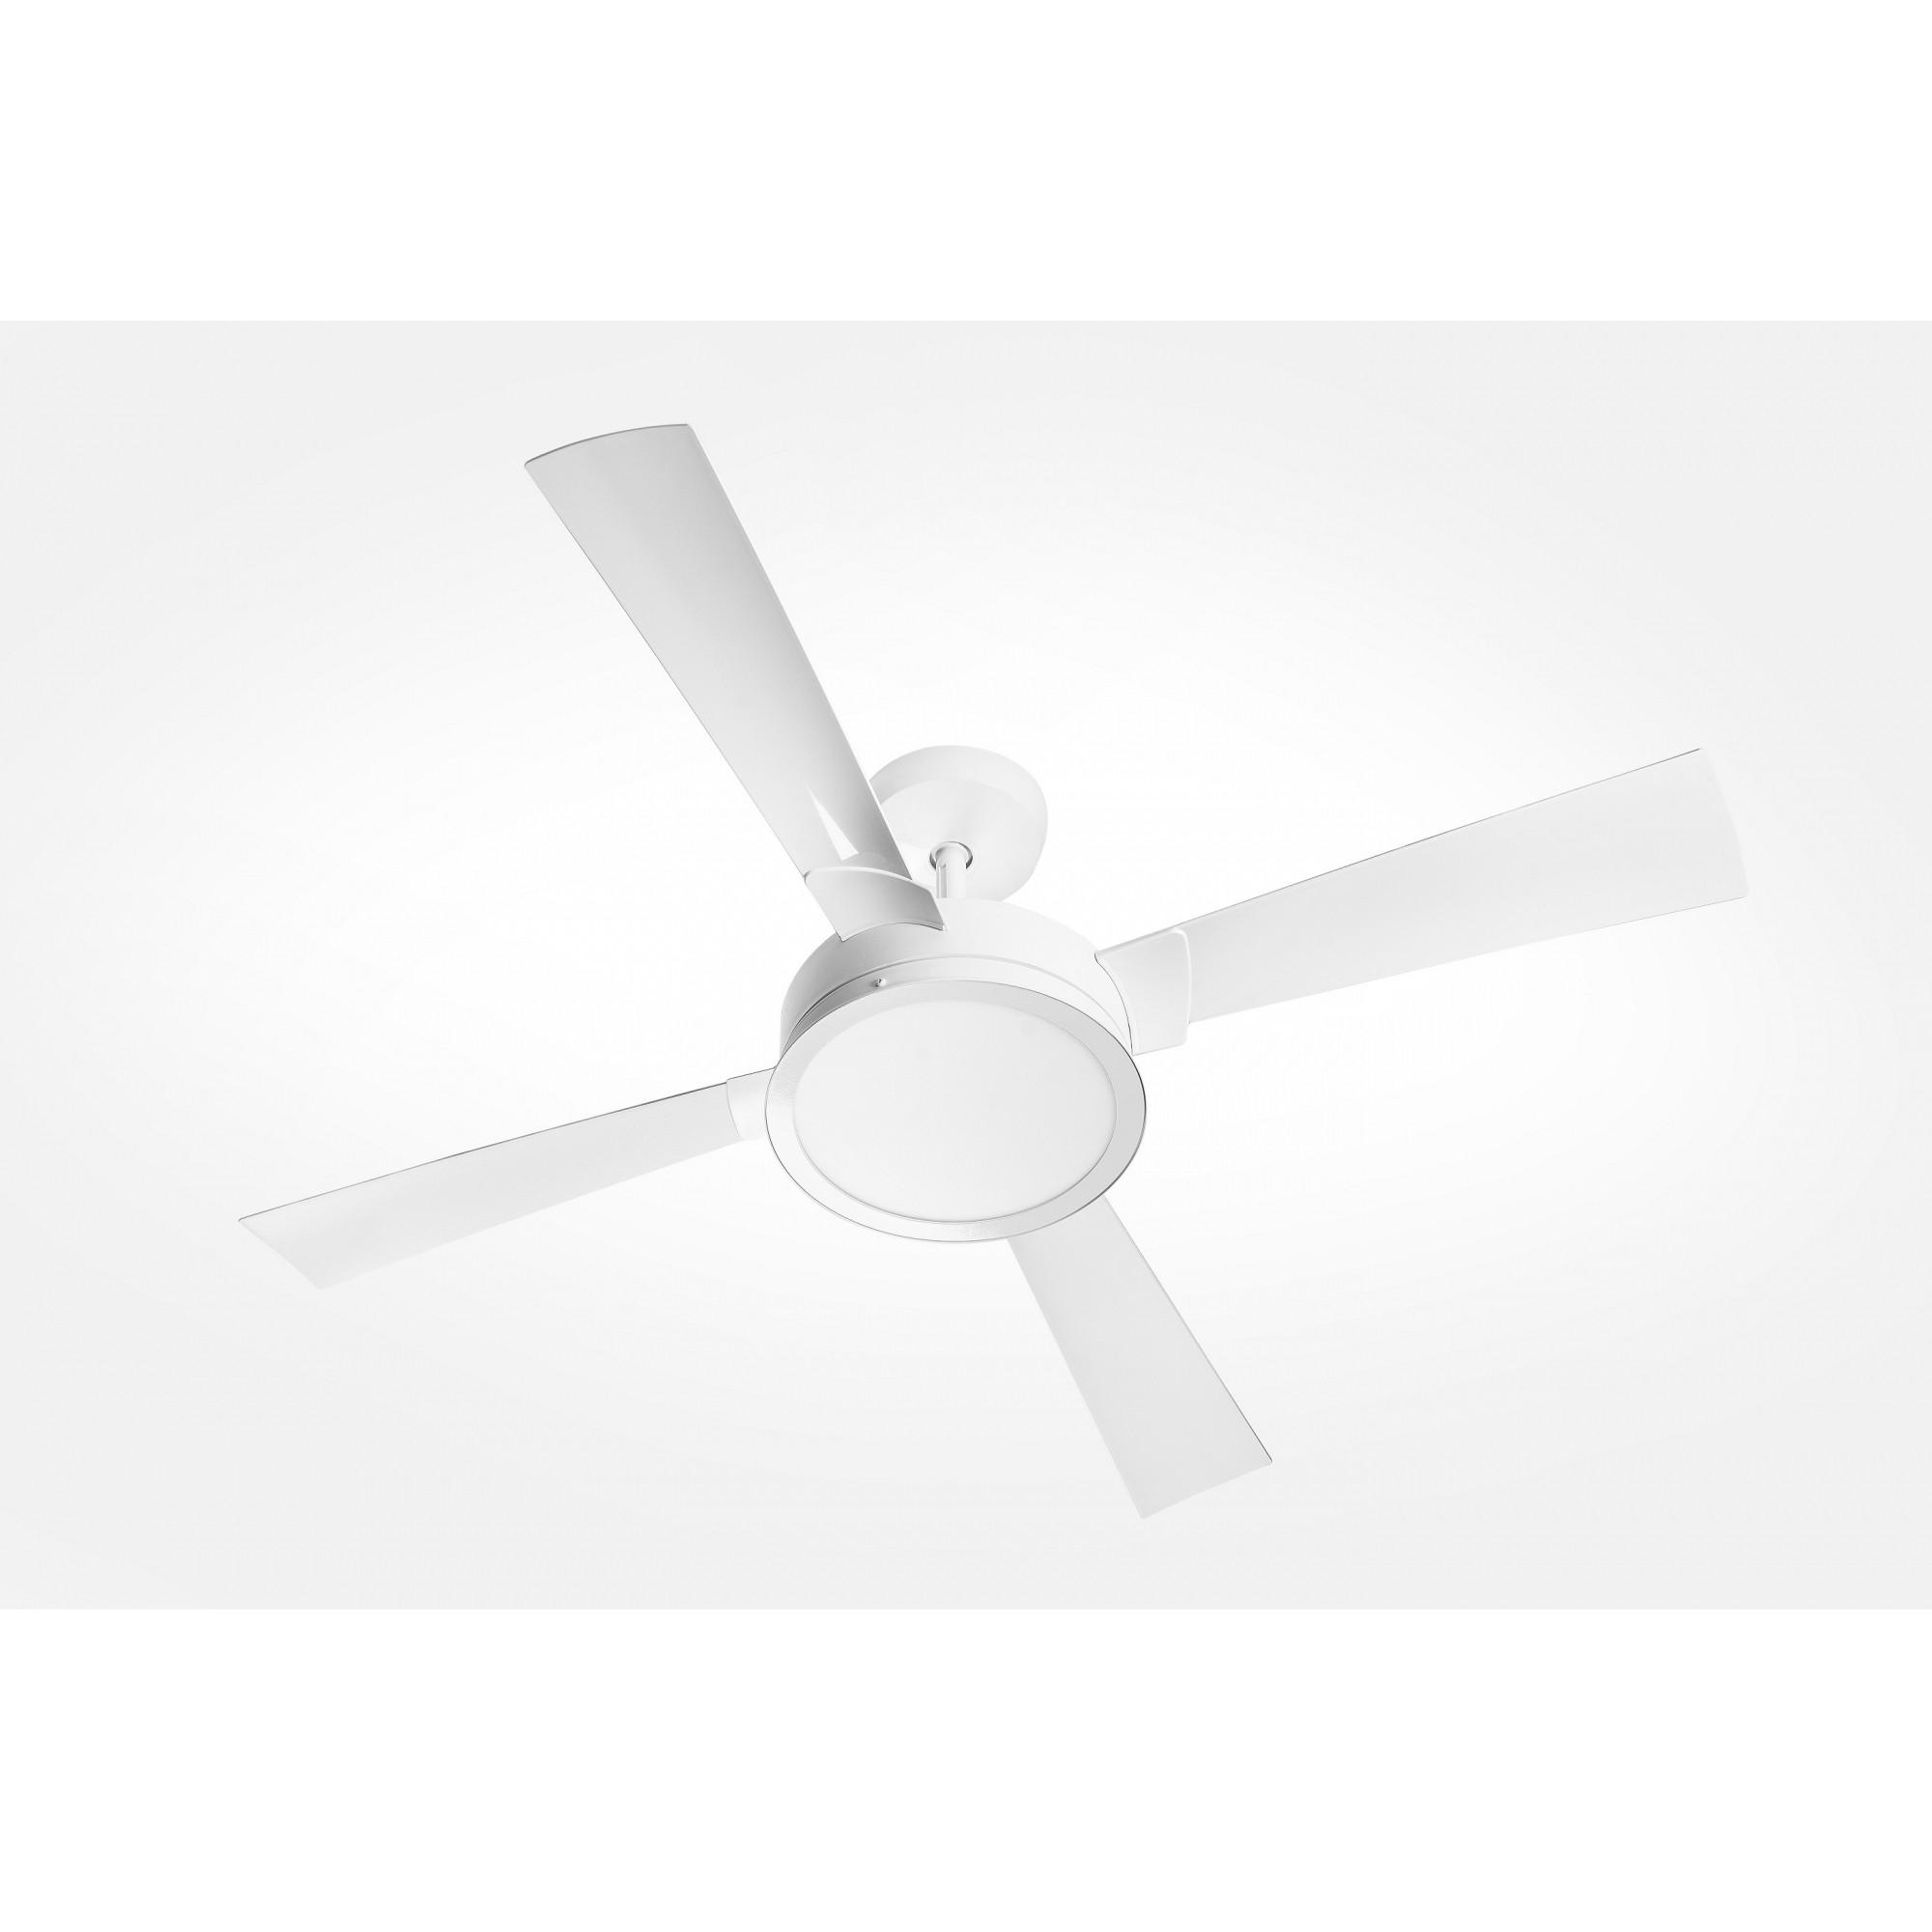 Ventilador de Teto Magnifico Branco 4 Pás Plástico 110 V + Controle Remoto